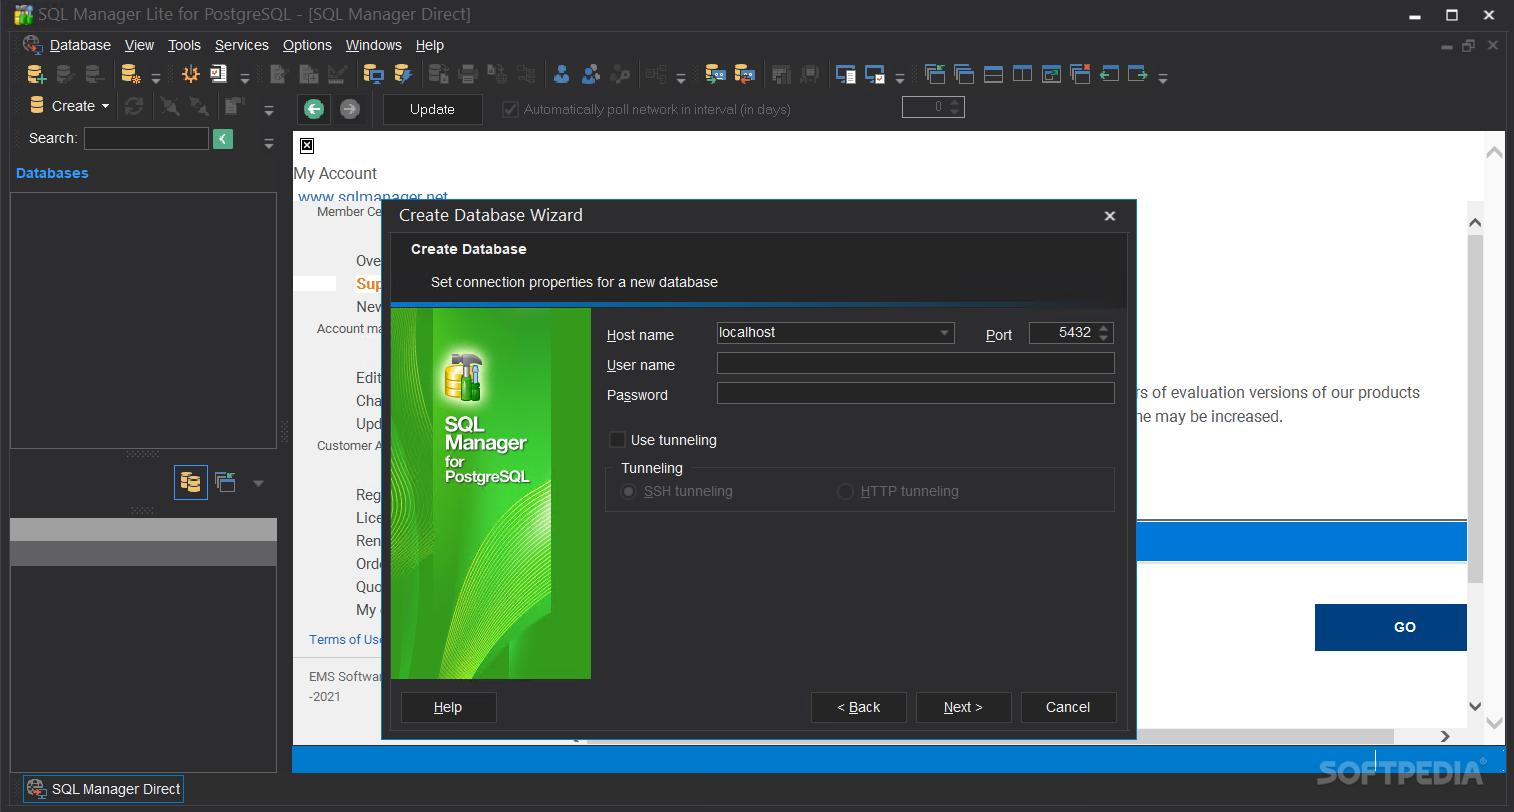 torrent ems sql manager for postgresql - torrent ems sql manager for postgresql